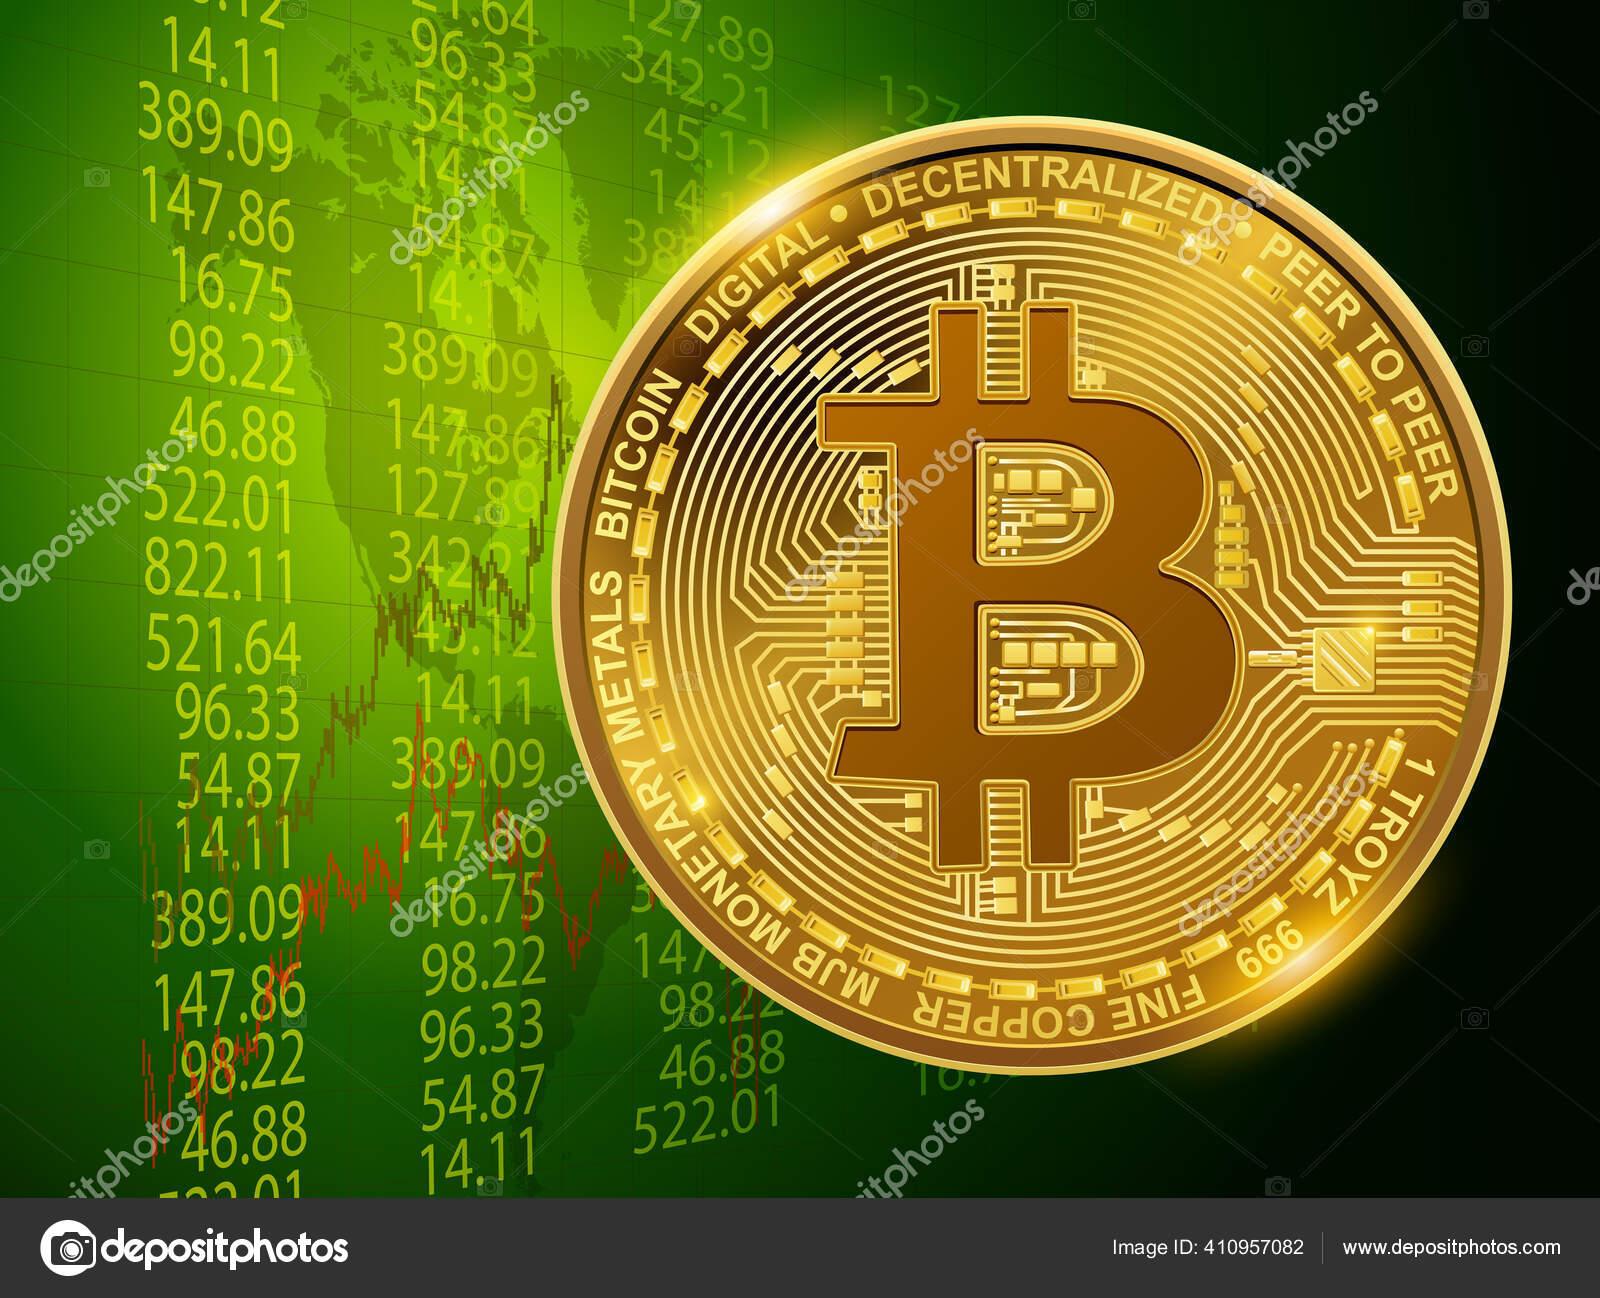 Ingin Investasi Bitcoin? Ketahui Dulu Pengertian dan Karakteristiknya Disini!